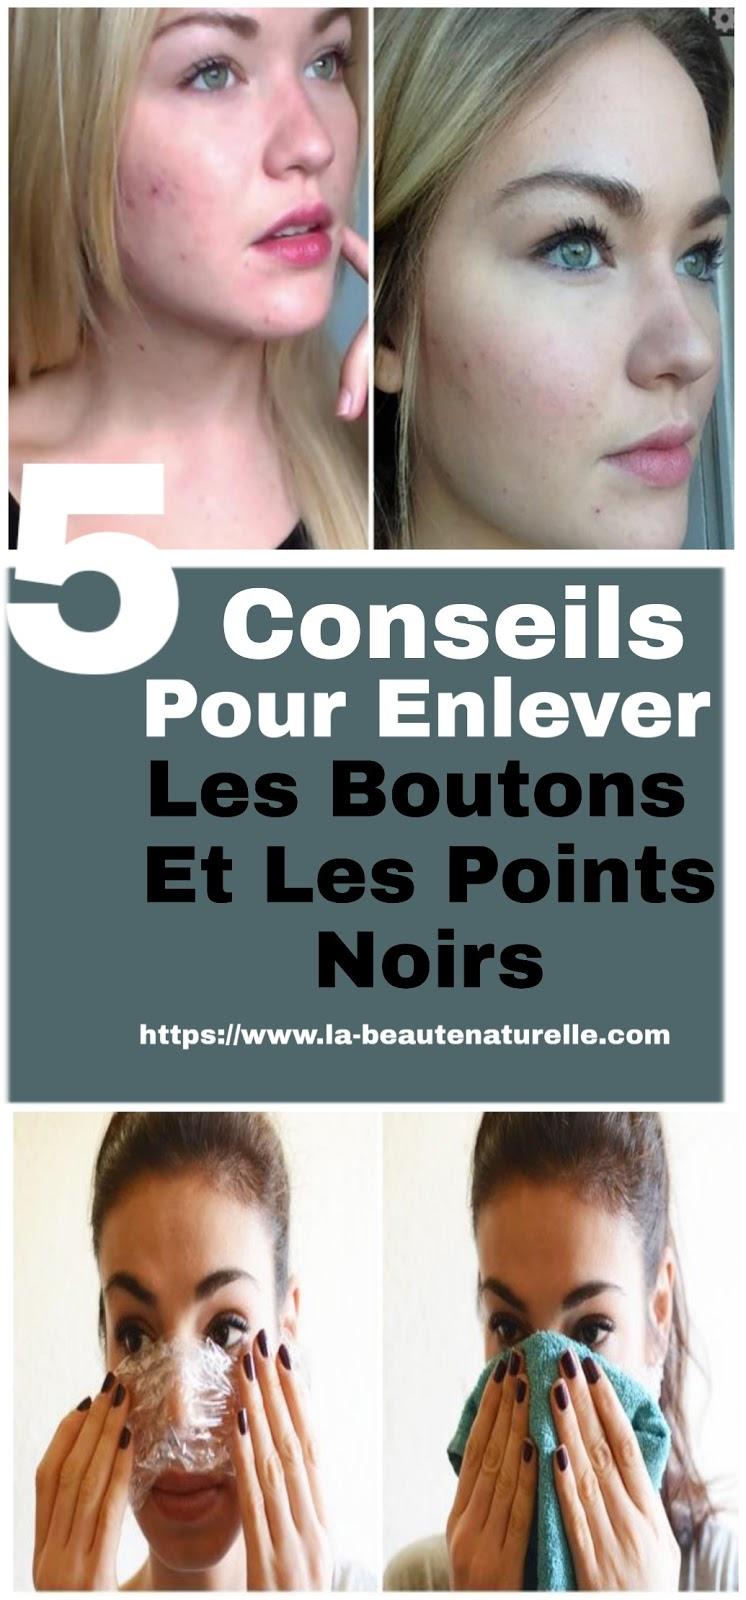 5 Conseils Pour Enlever Les Boutons Et Les Points Noirs